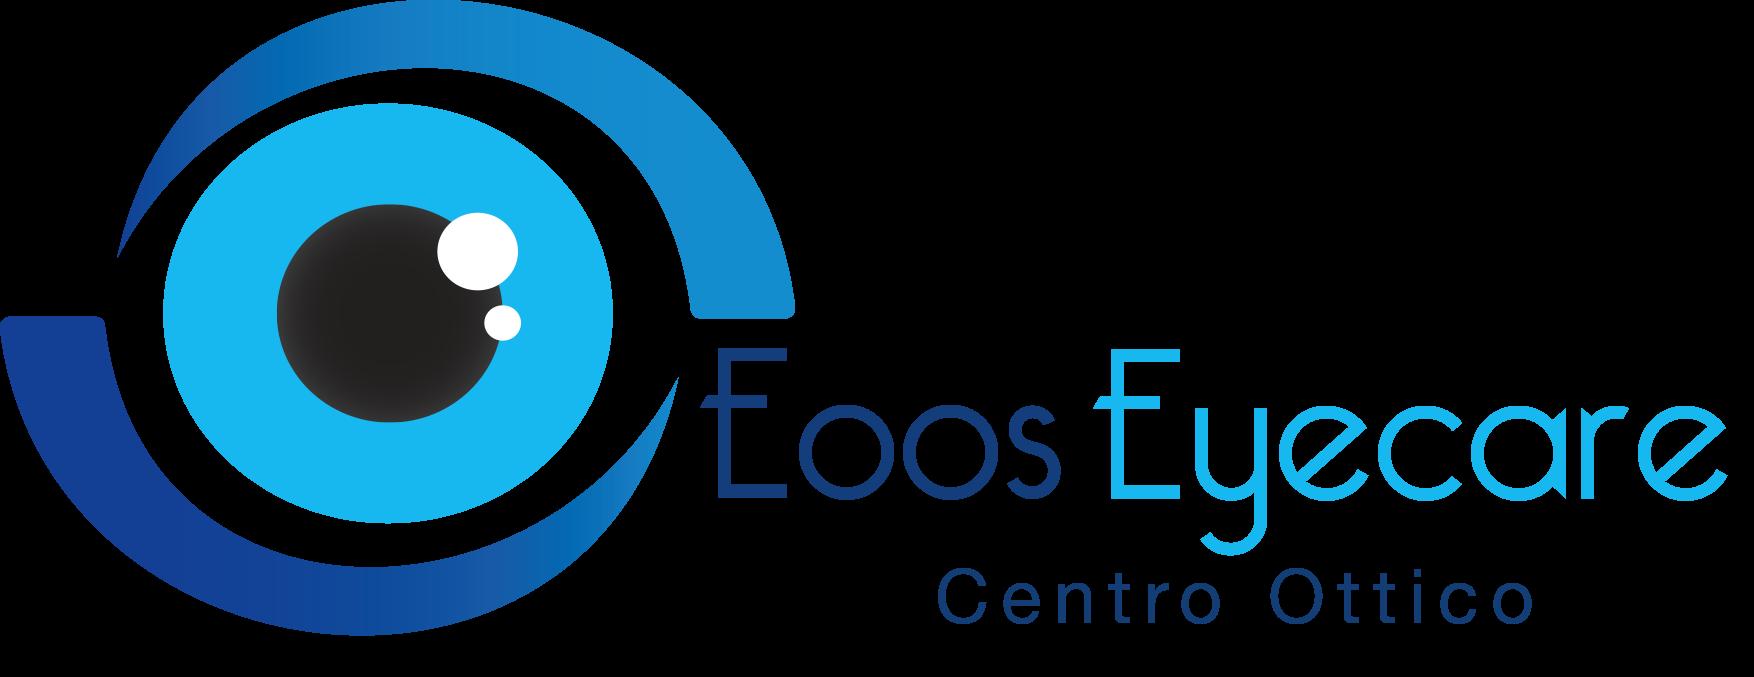 Eoos Eyecare